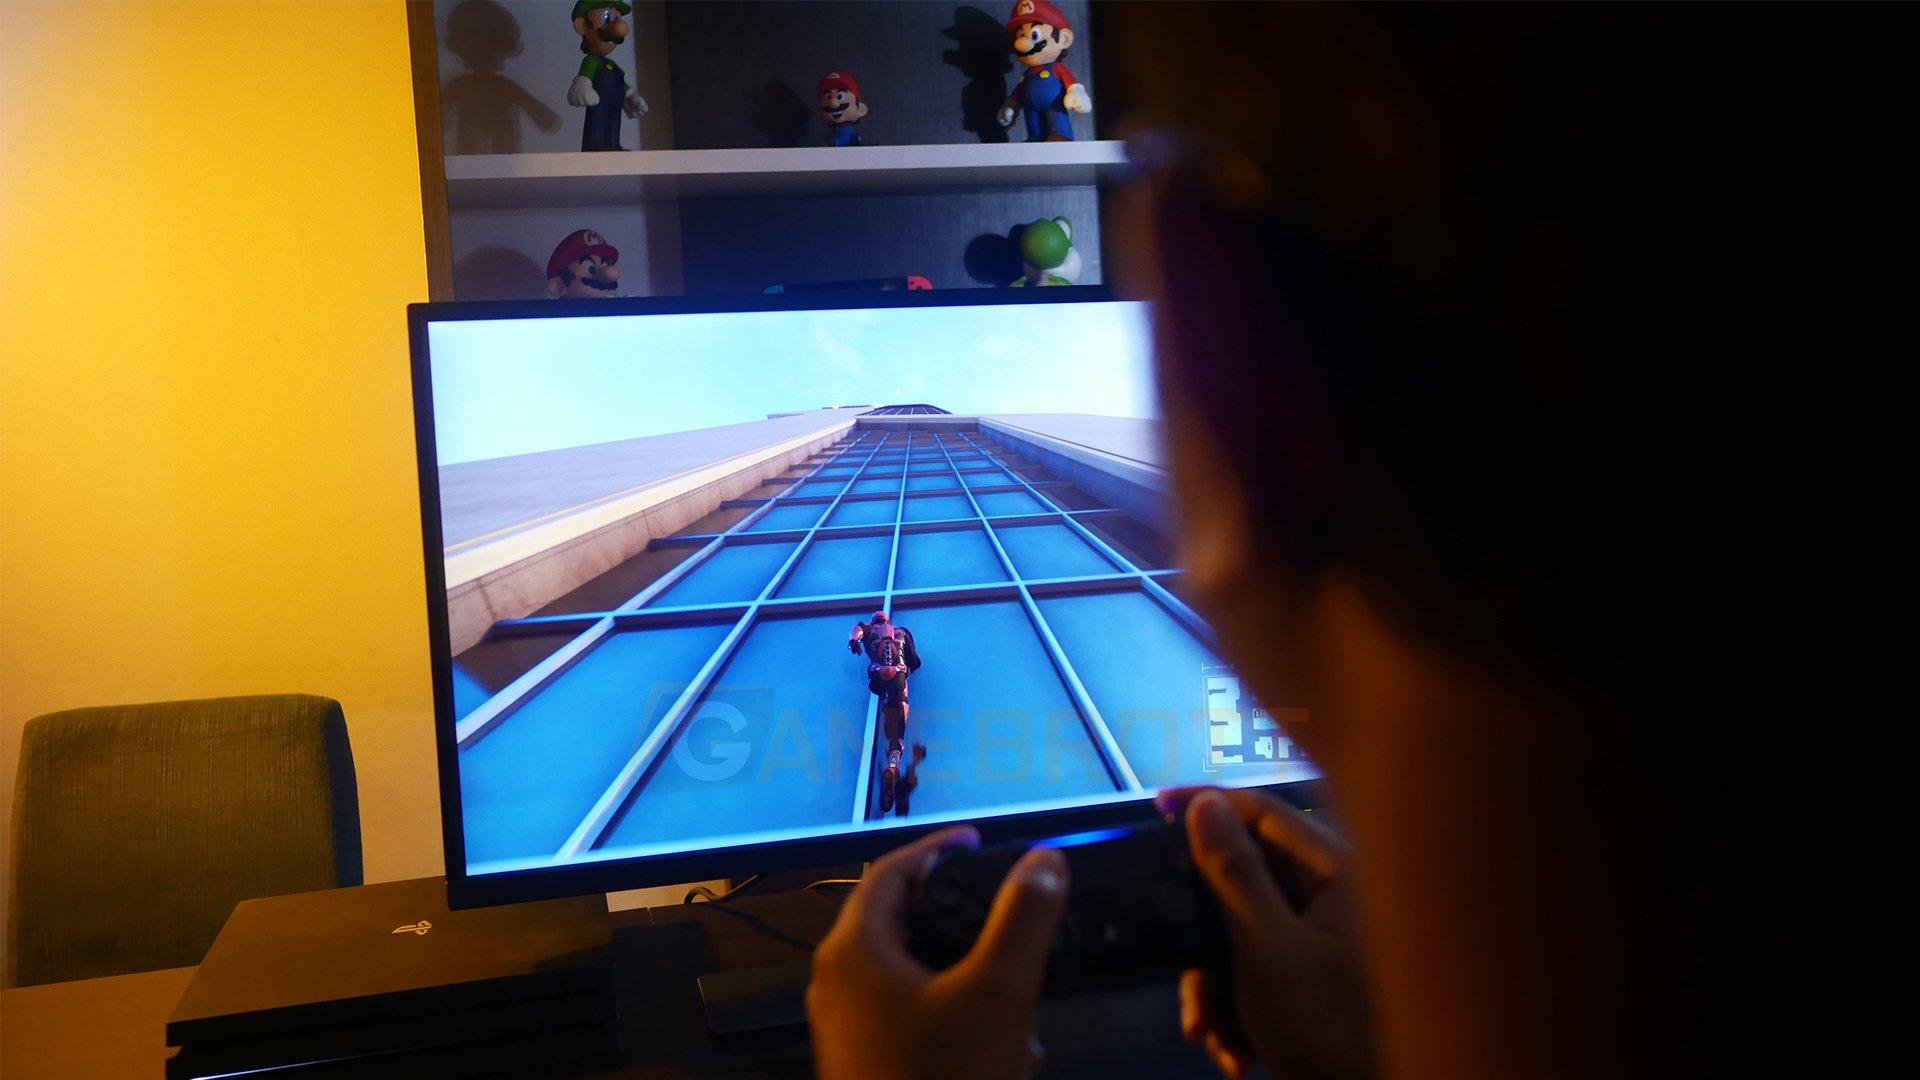 Review: BenQ EW3270U, Monitor Gaming 4K HDR yang Banjir Fitur !